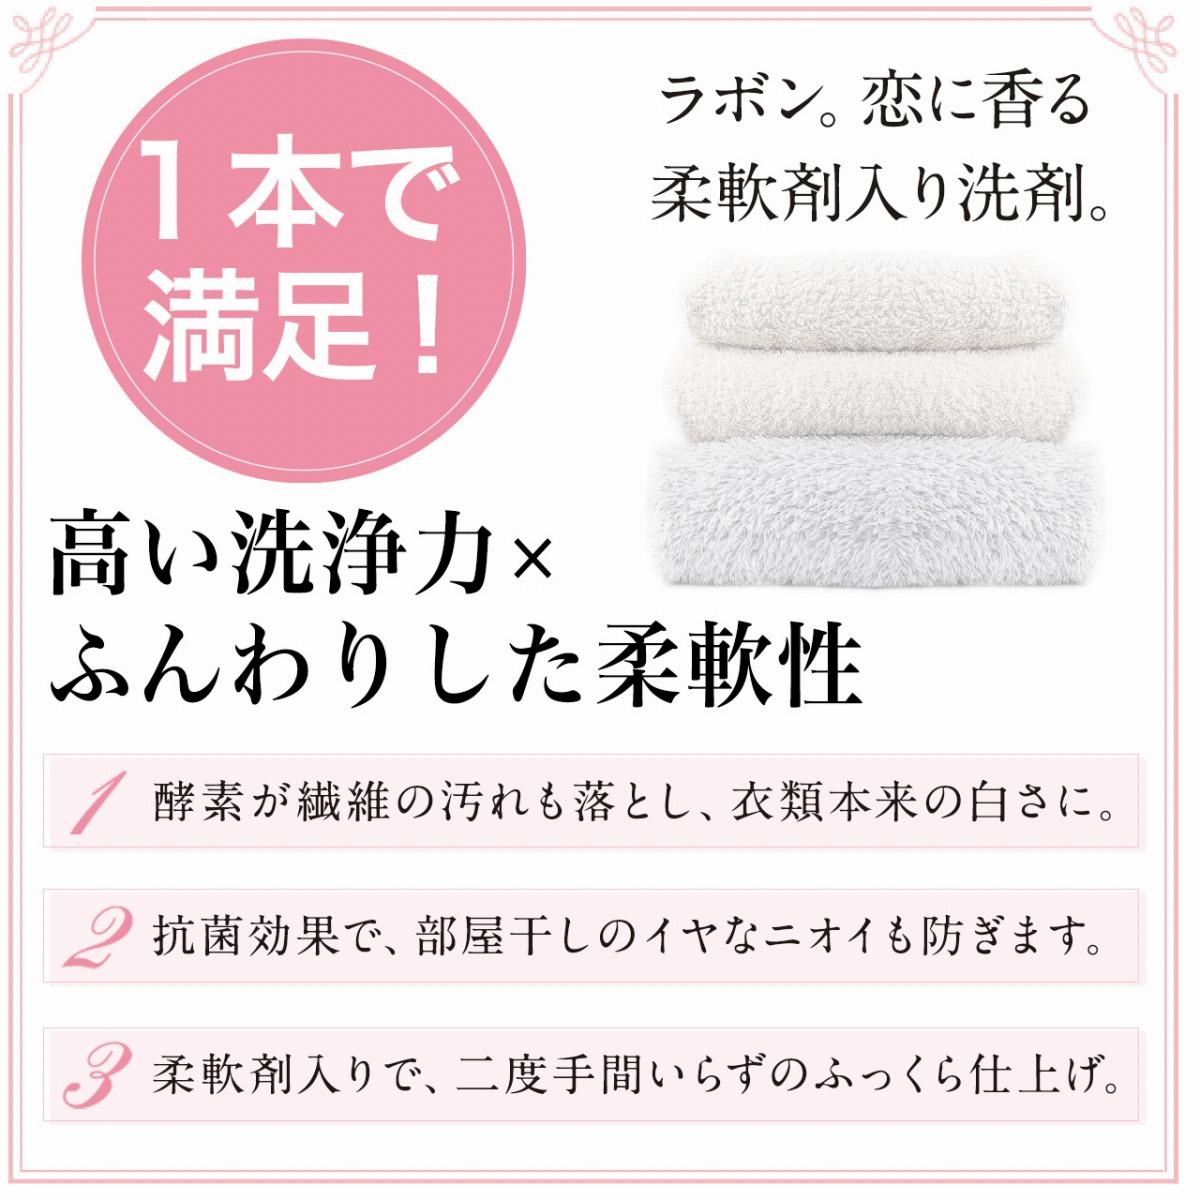 ラボン 柔軟剤入り 洗濯洗剤 特大 シャイニームーン 詰め替え 1500g・イメージ写真1